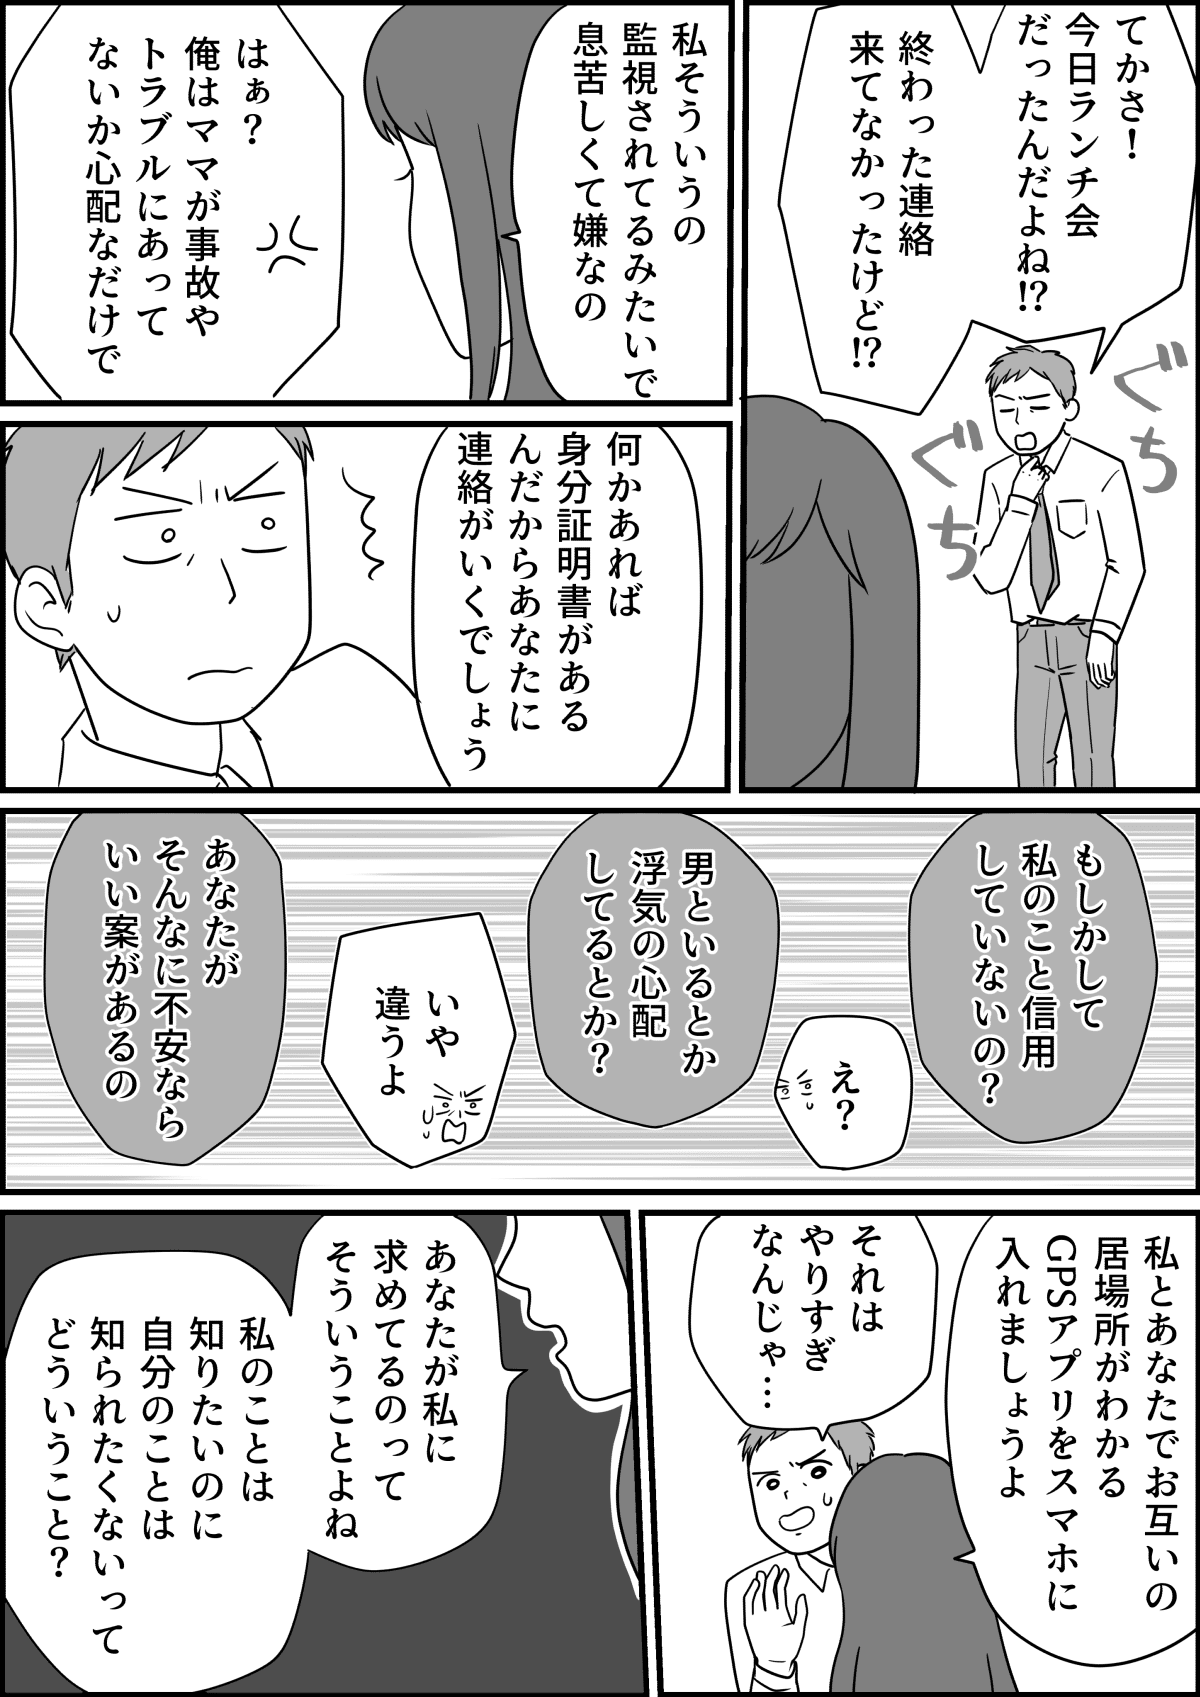 【後編】旦那の束縛がすごい!